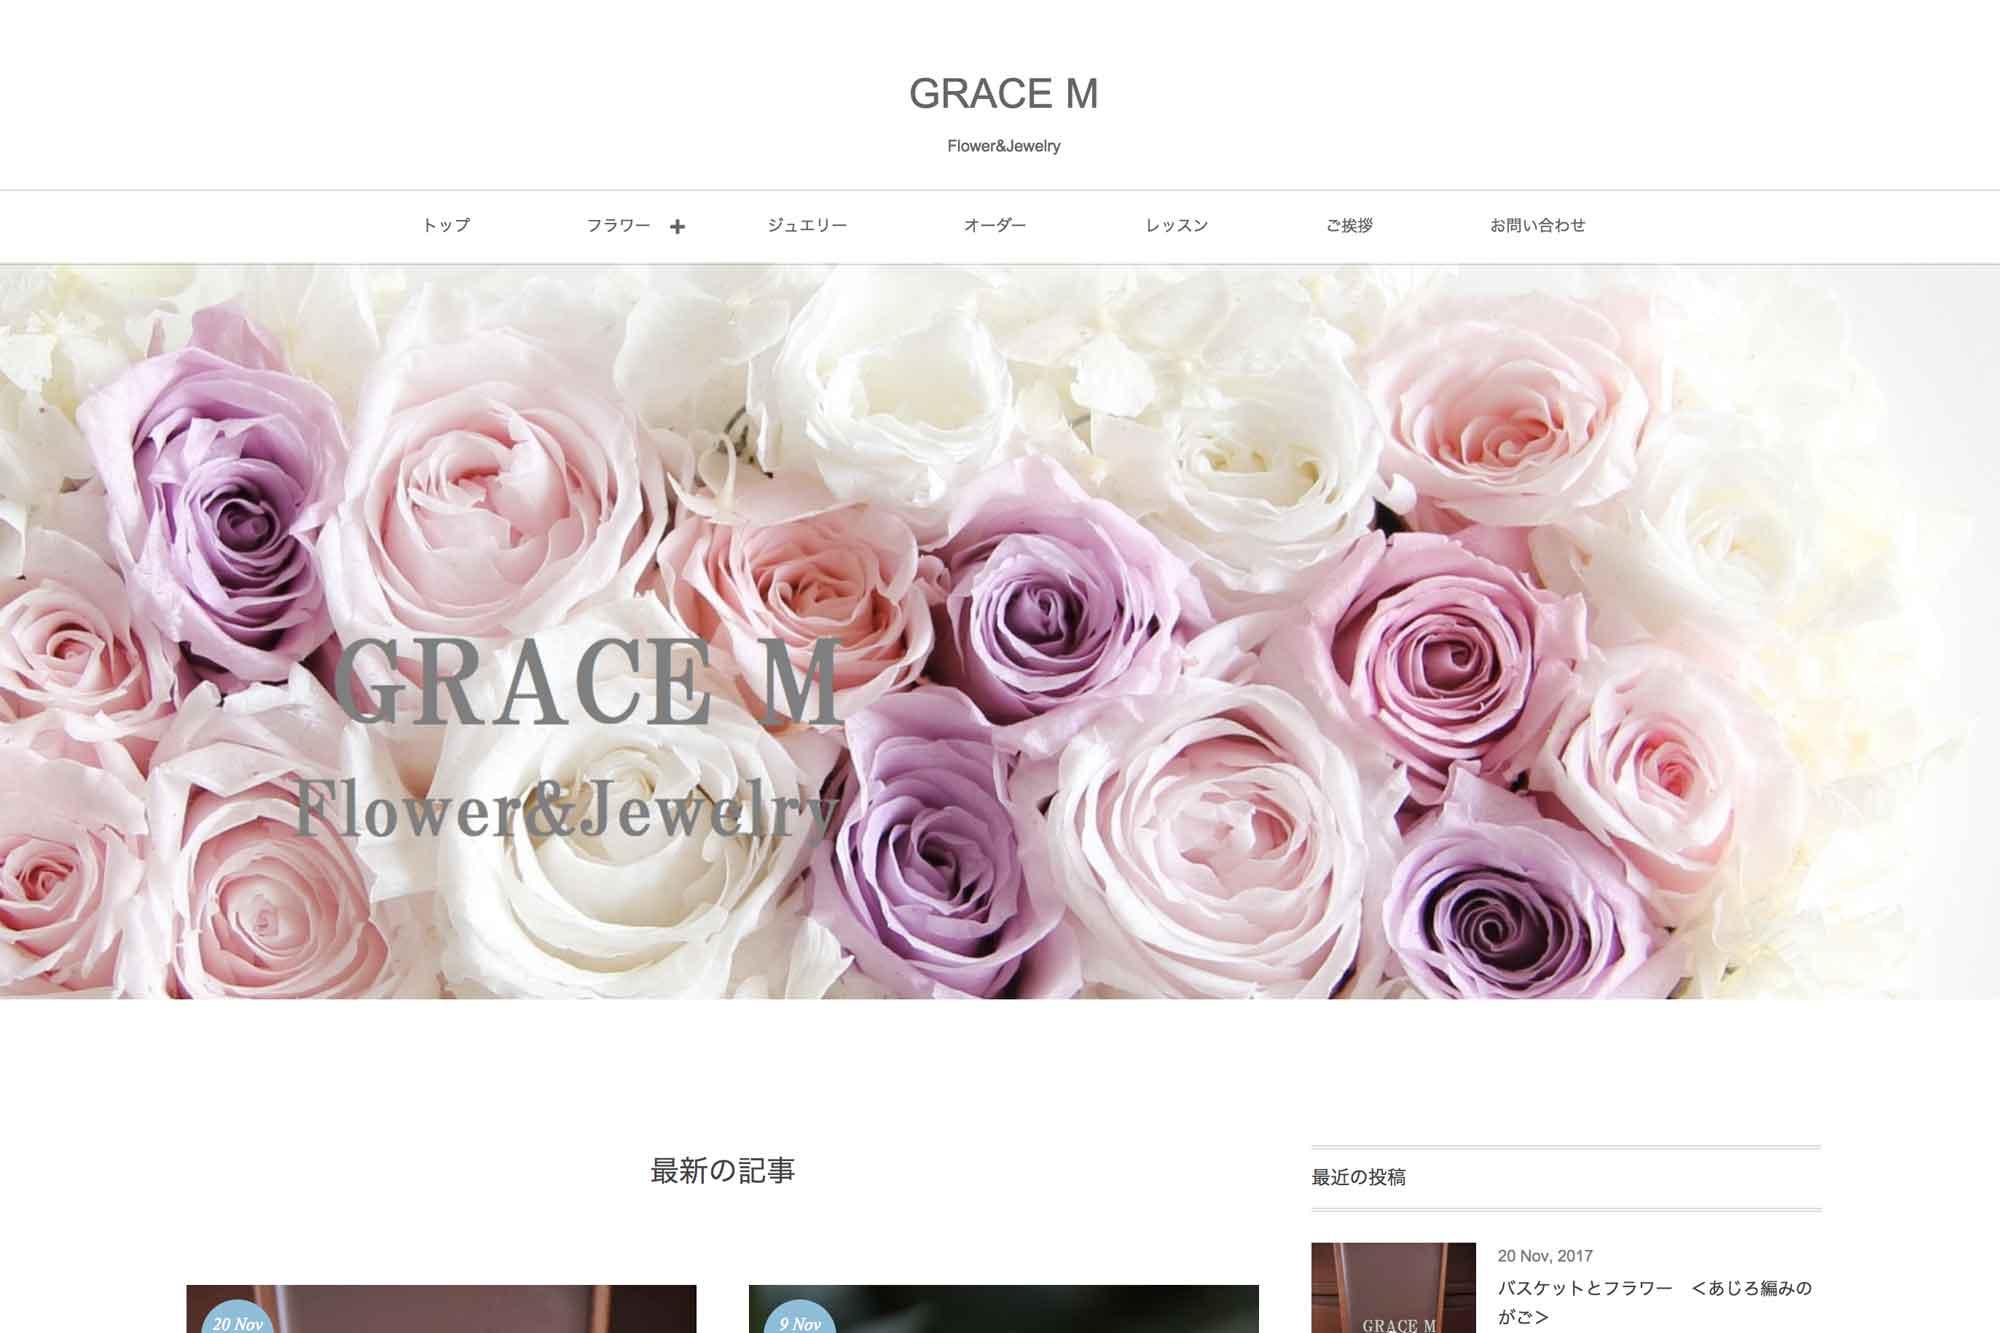 ワードプレスでホームページ作品:Graceさま